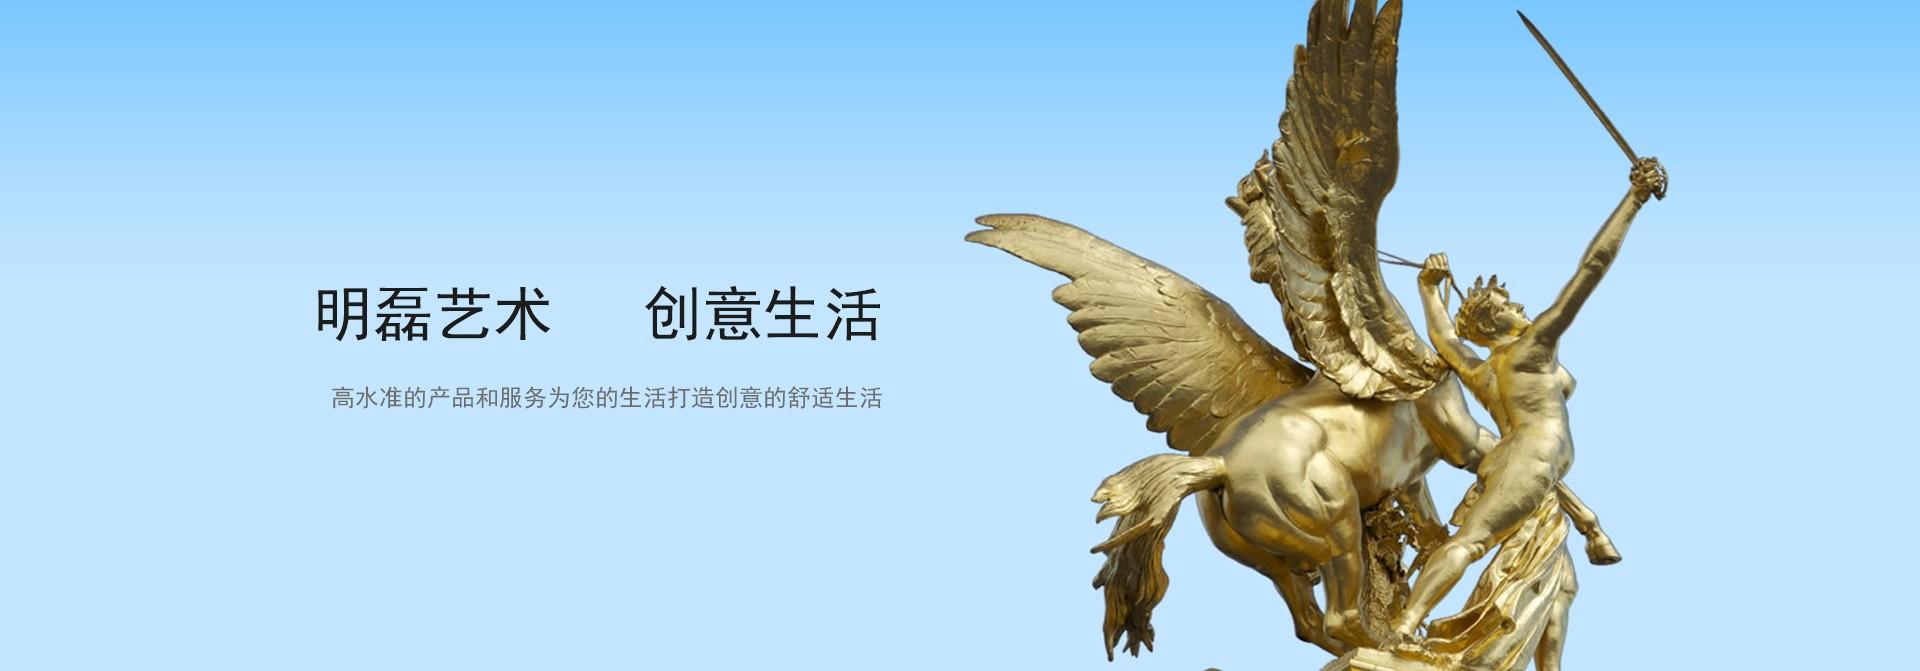 镇江浮雕厂家